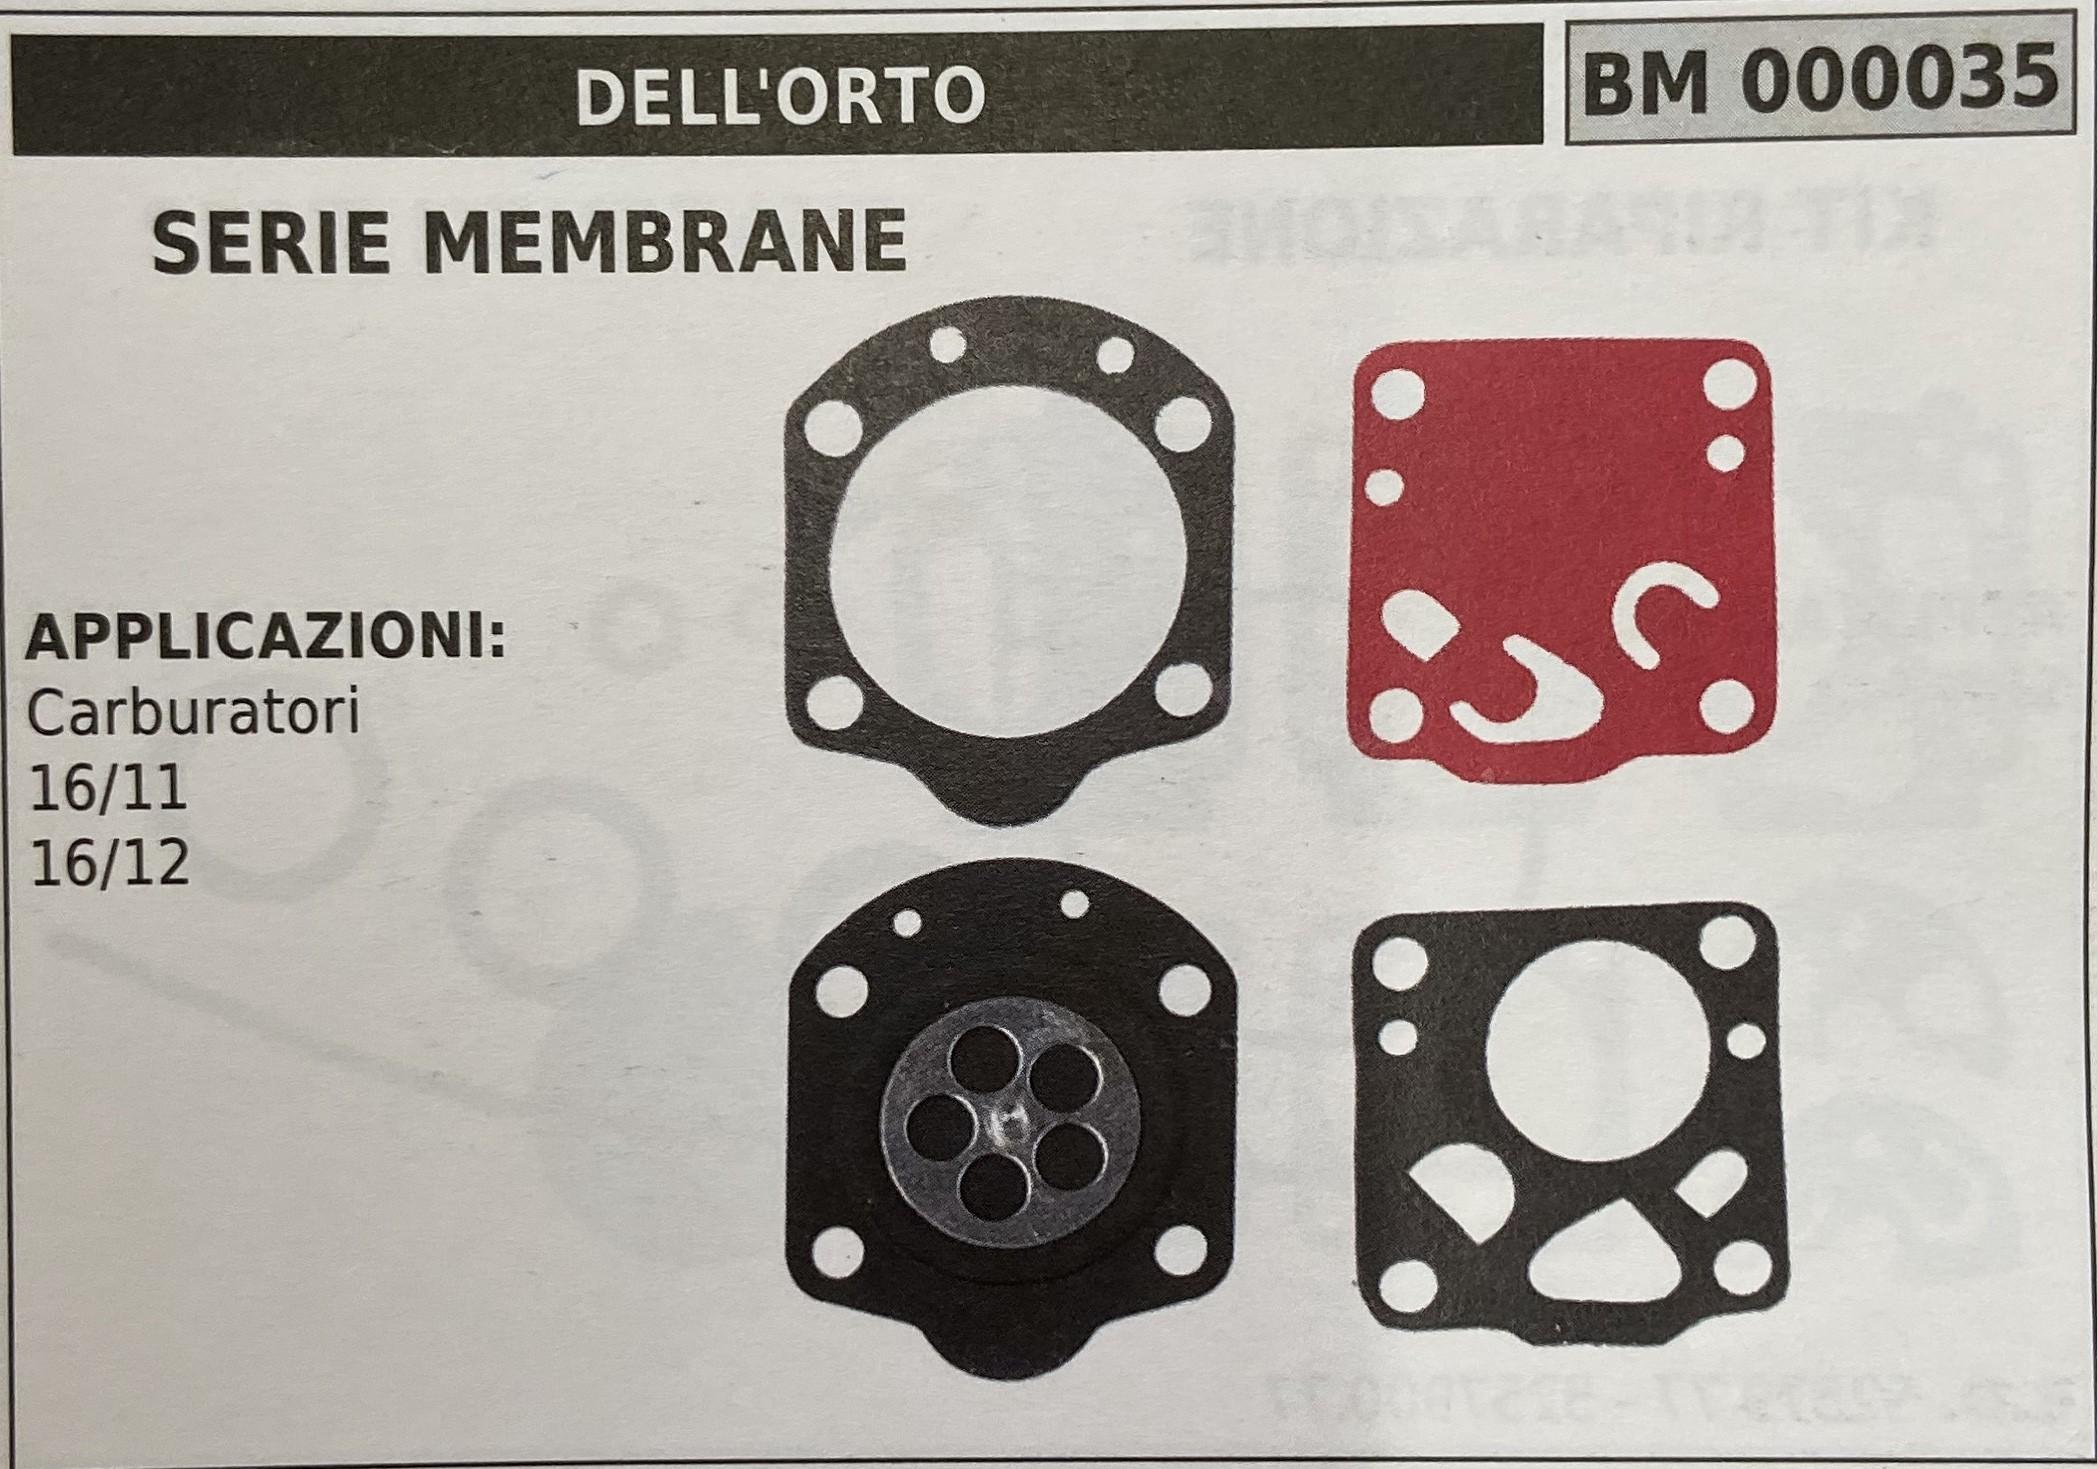 BRUMAR MEMBRANA/KIT RIPARAZIONE DELL'ORTO  SERIE MEMBRANE  APPLICAZIONI Carburatori 16/11 16/12   R.O. -